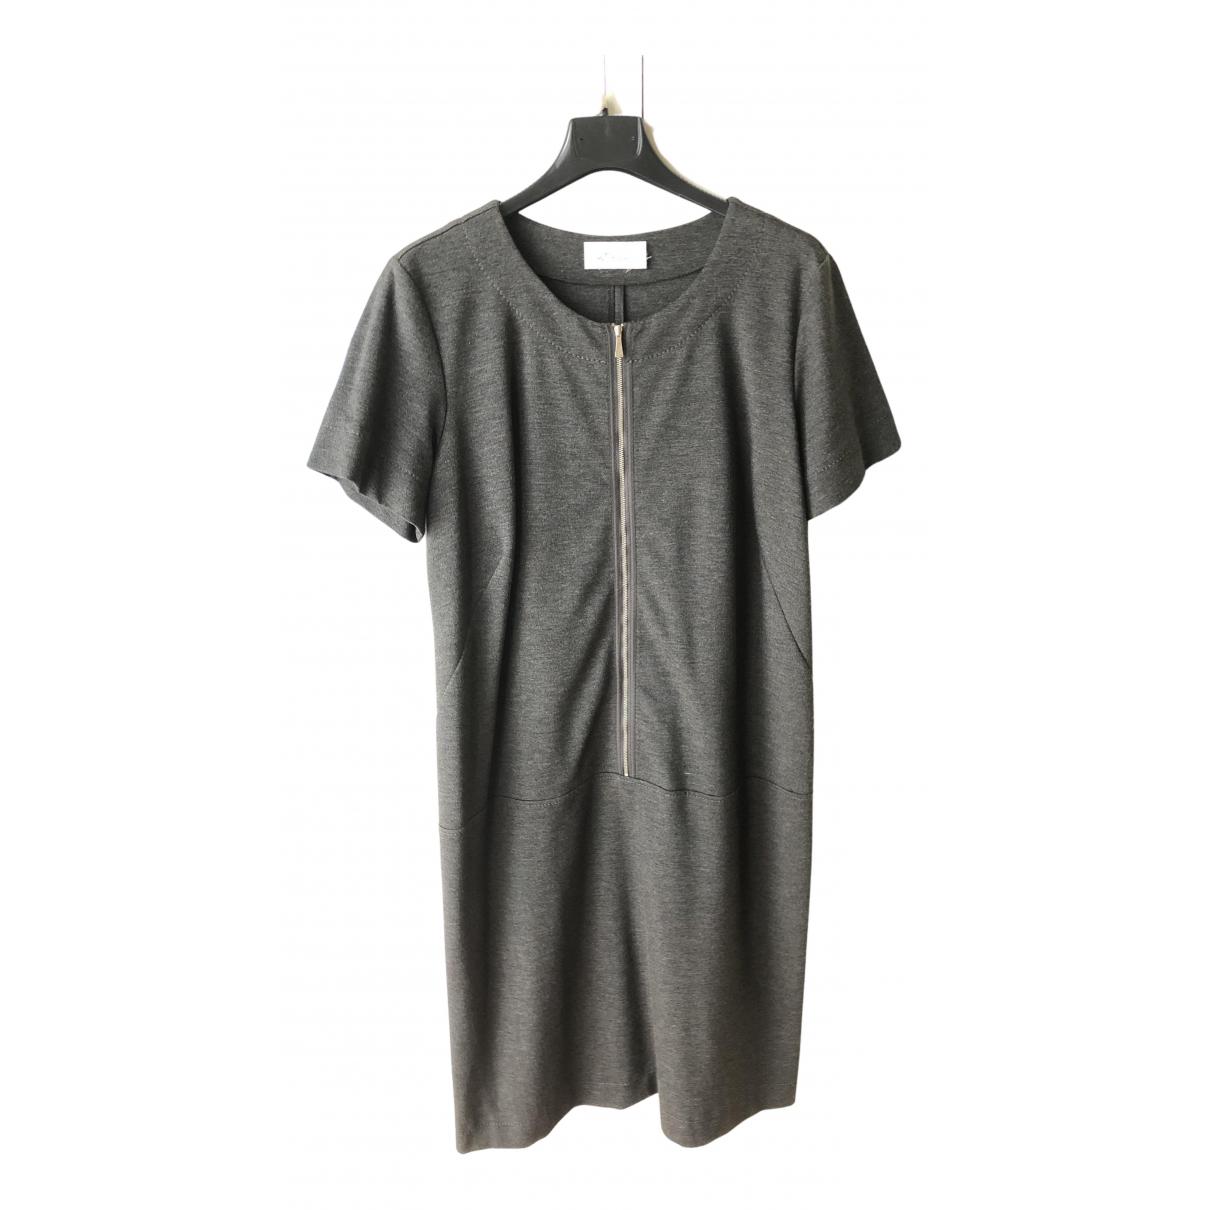 Intrend \N Kleid in  Grau Viskose